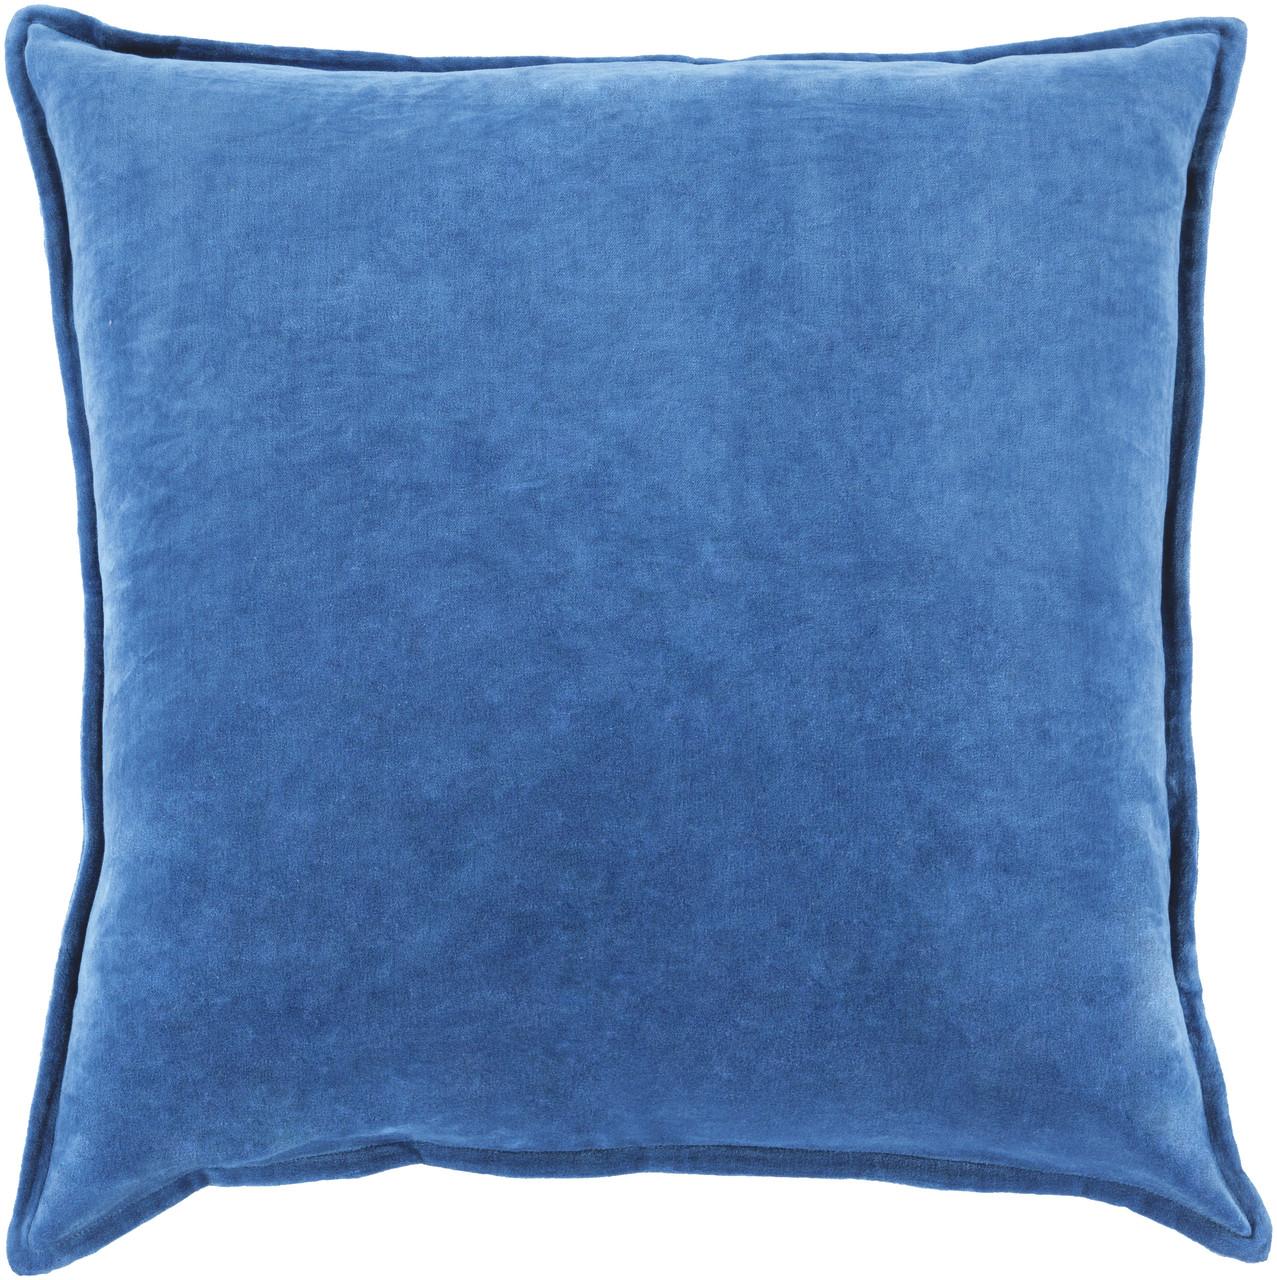 Throw Pillow Down : 22